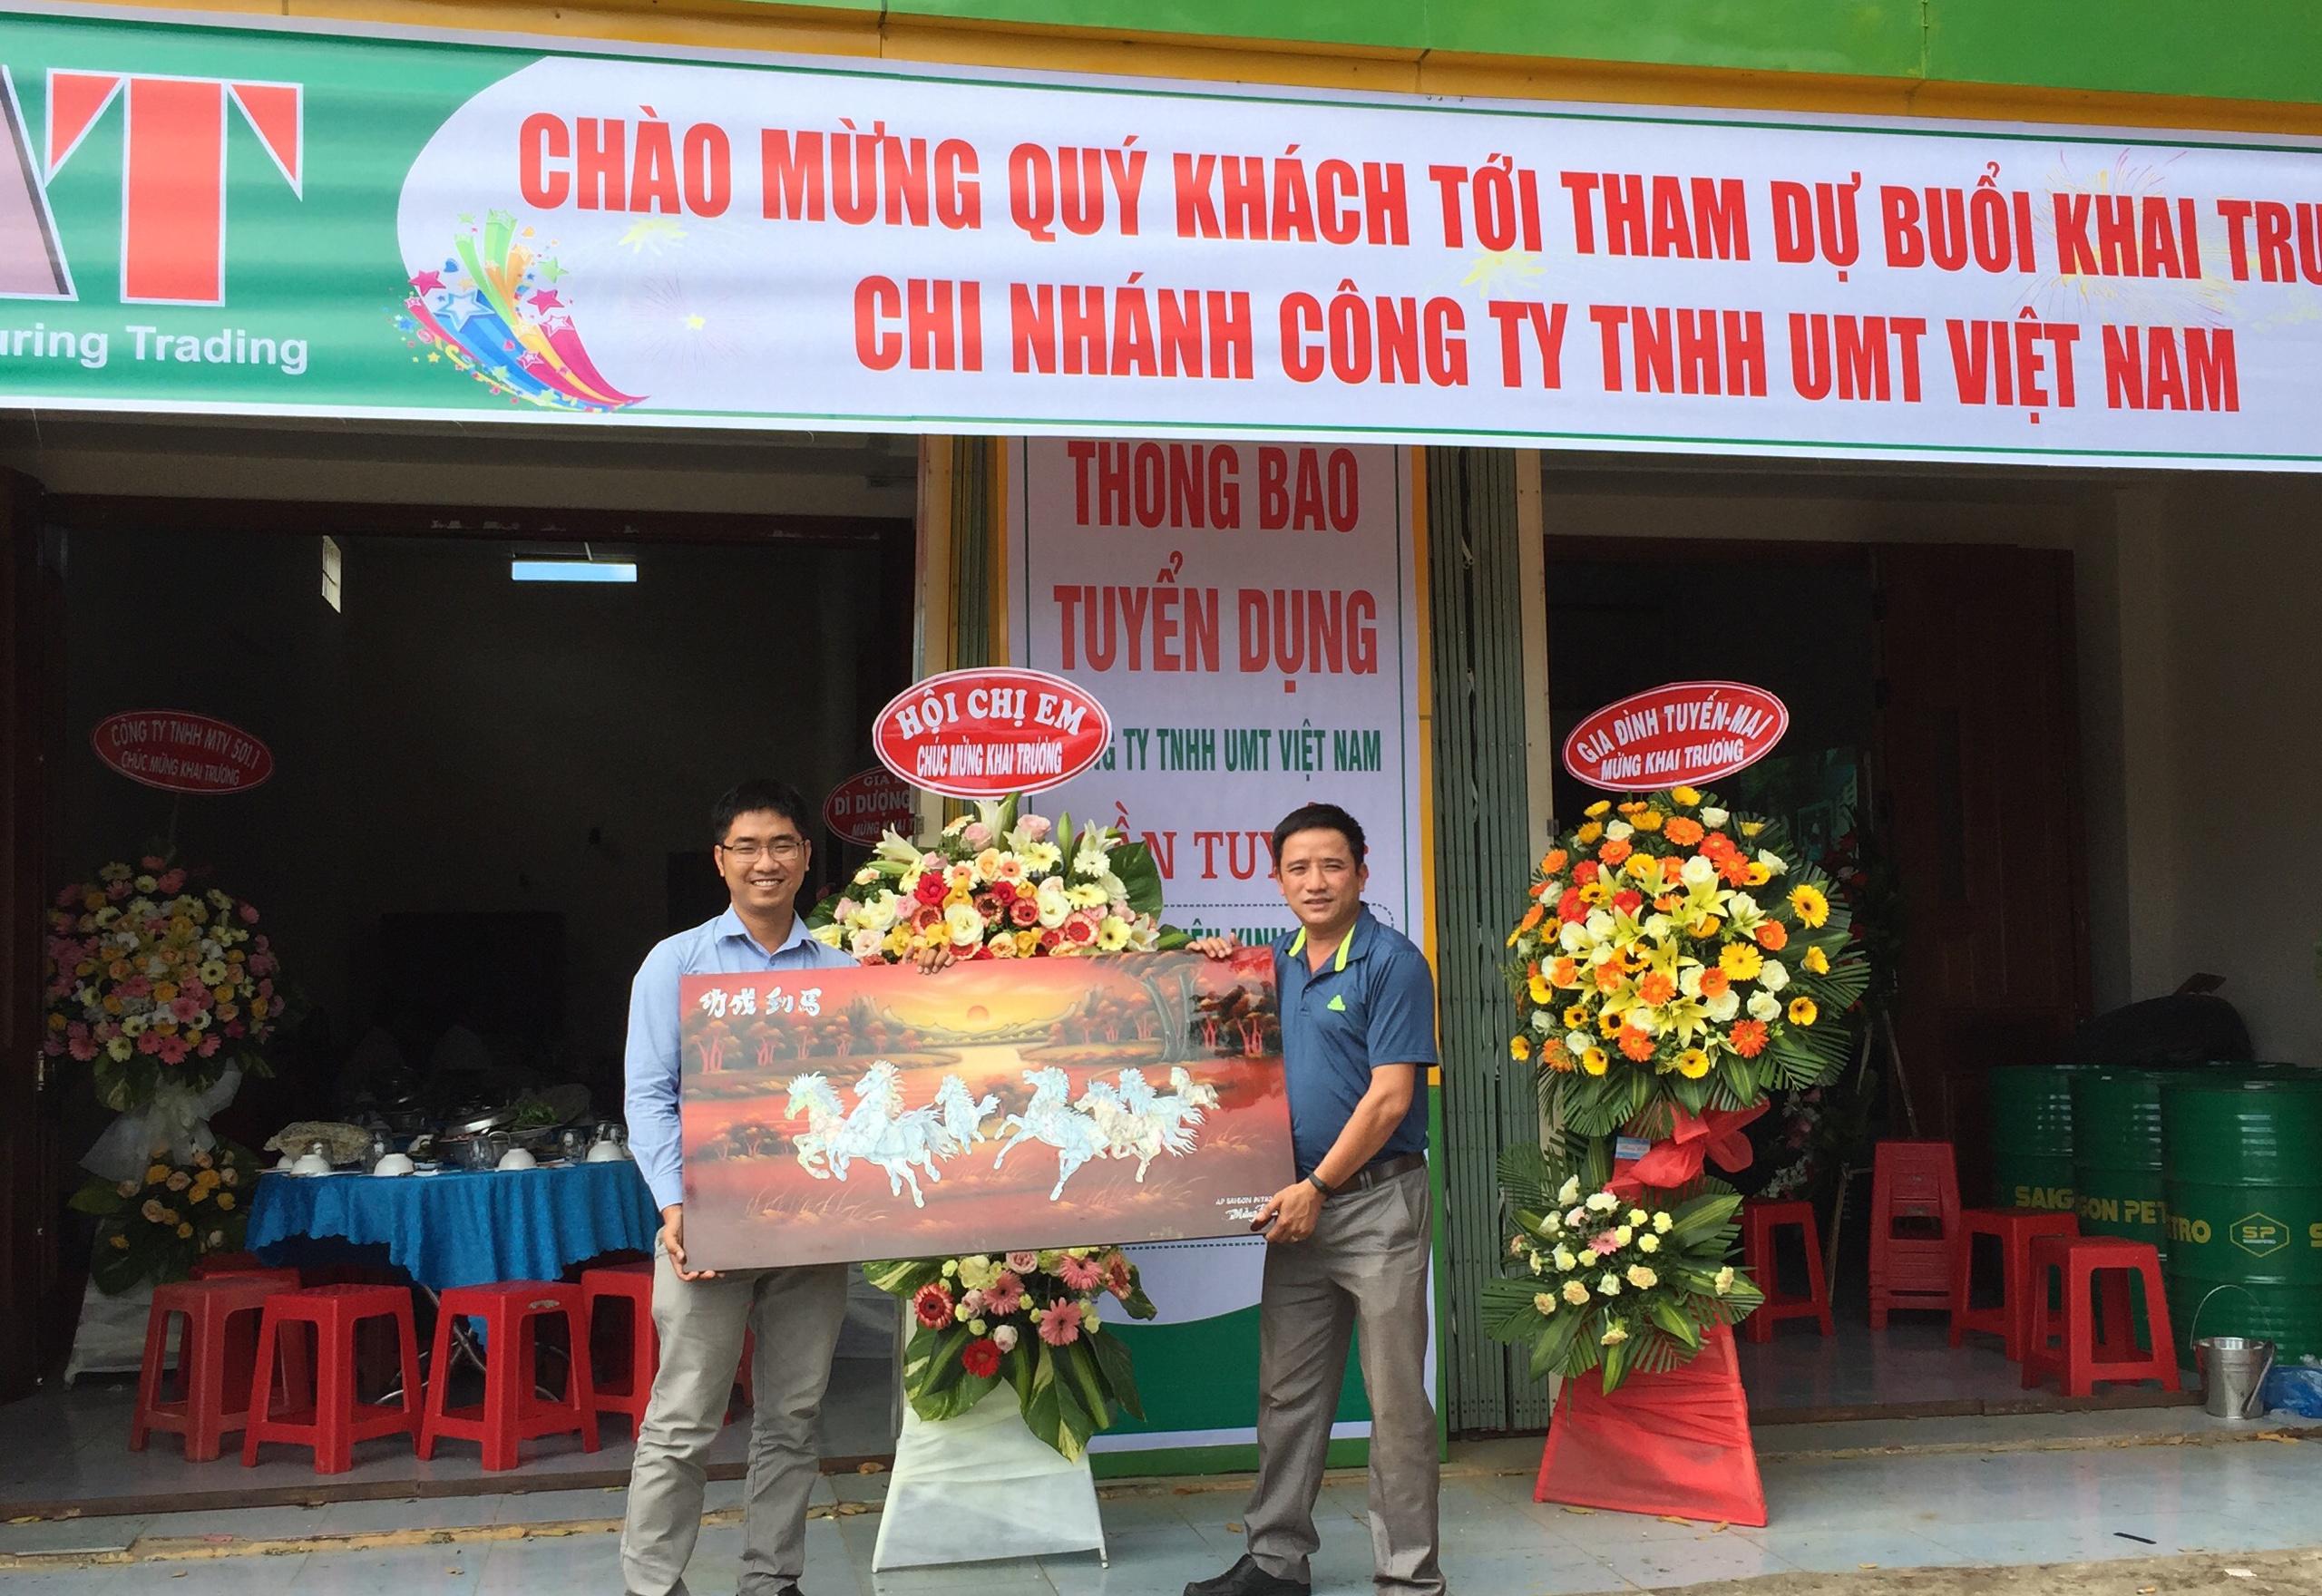 Khai Trương Chi Nhánh công ty TNHH UMT tại Kontum